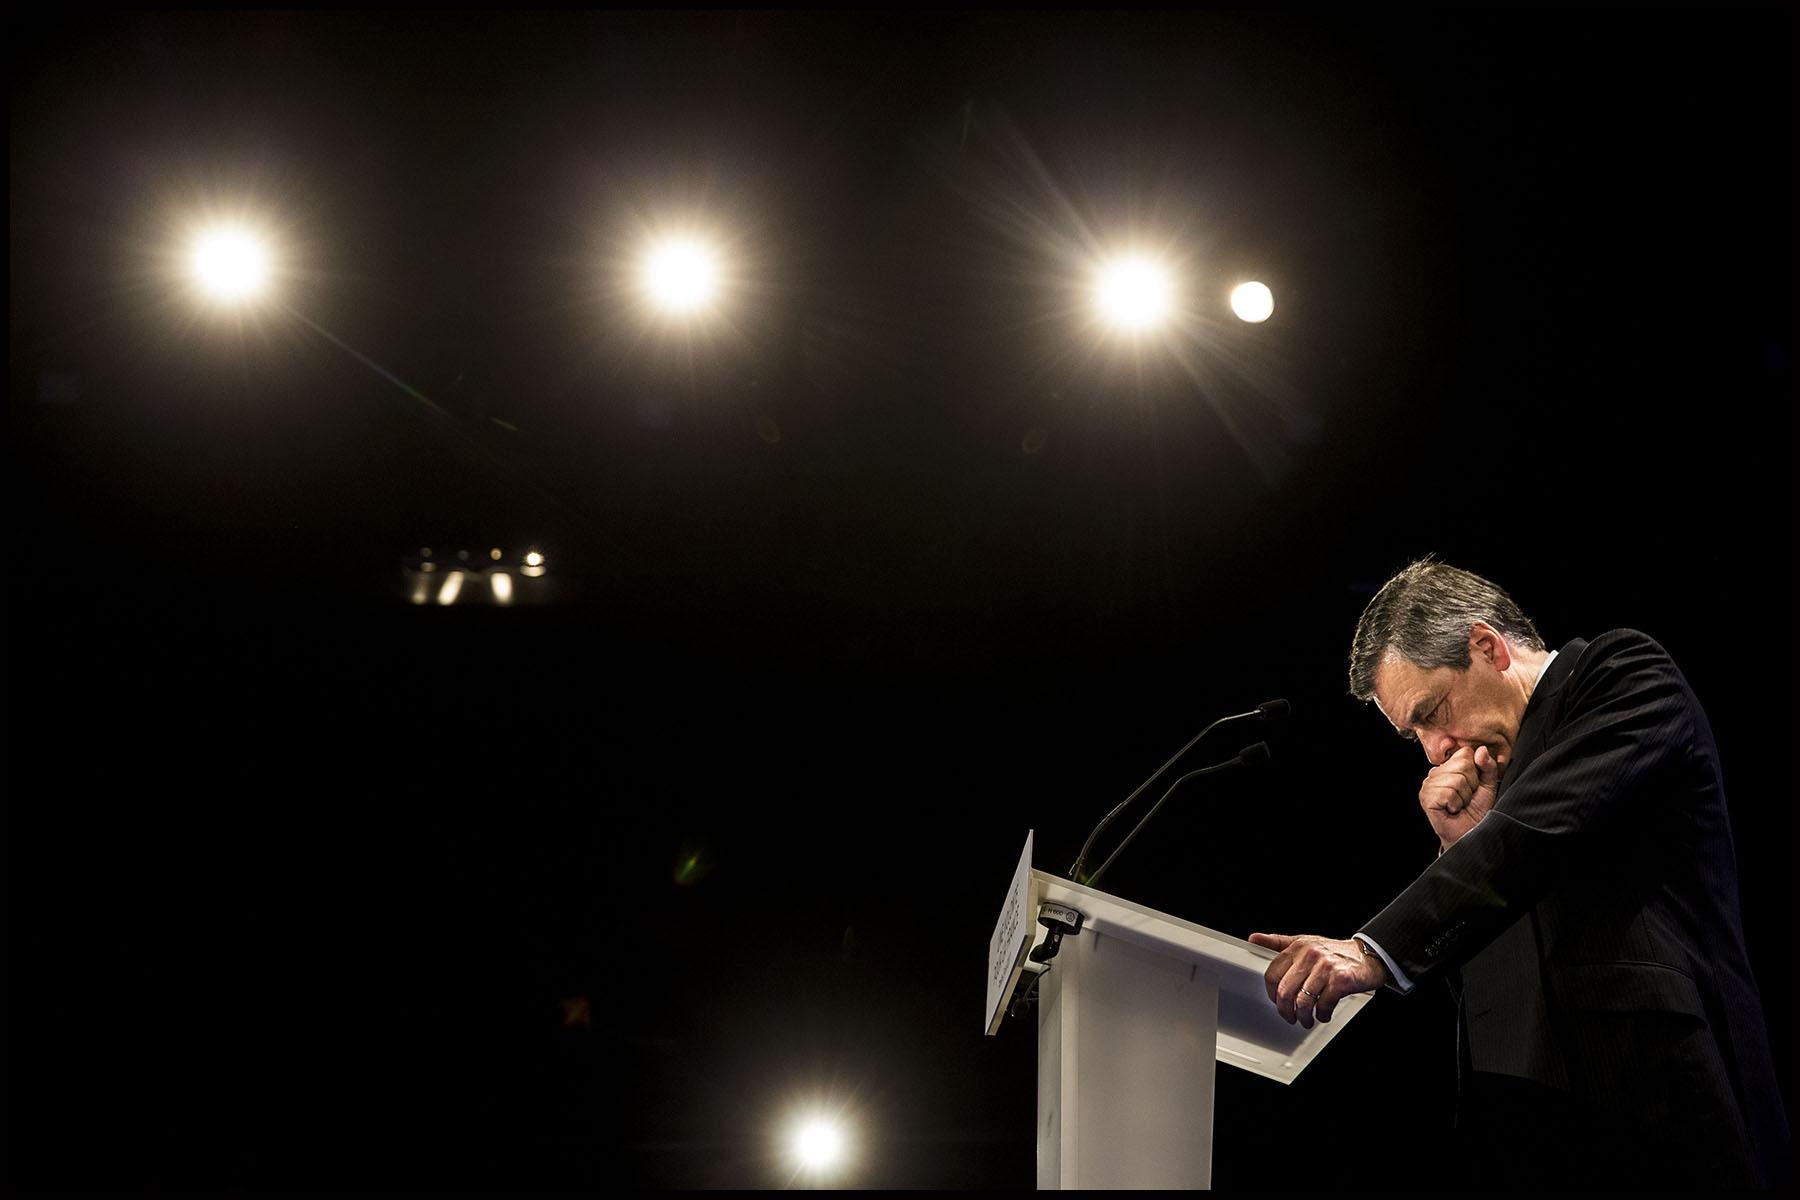 Meeting de François FILLON, candidat de la droite et du centre à l'élection présidentielle de 2017.